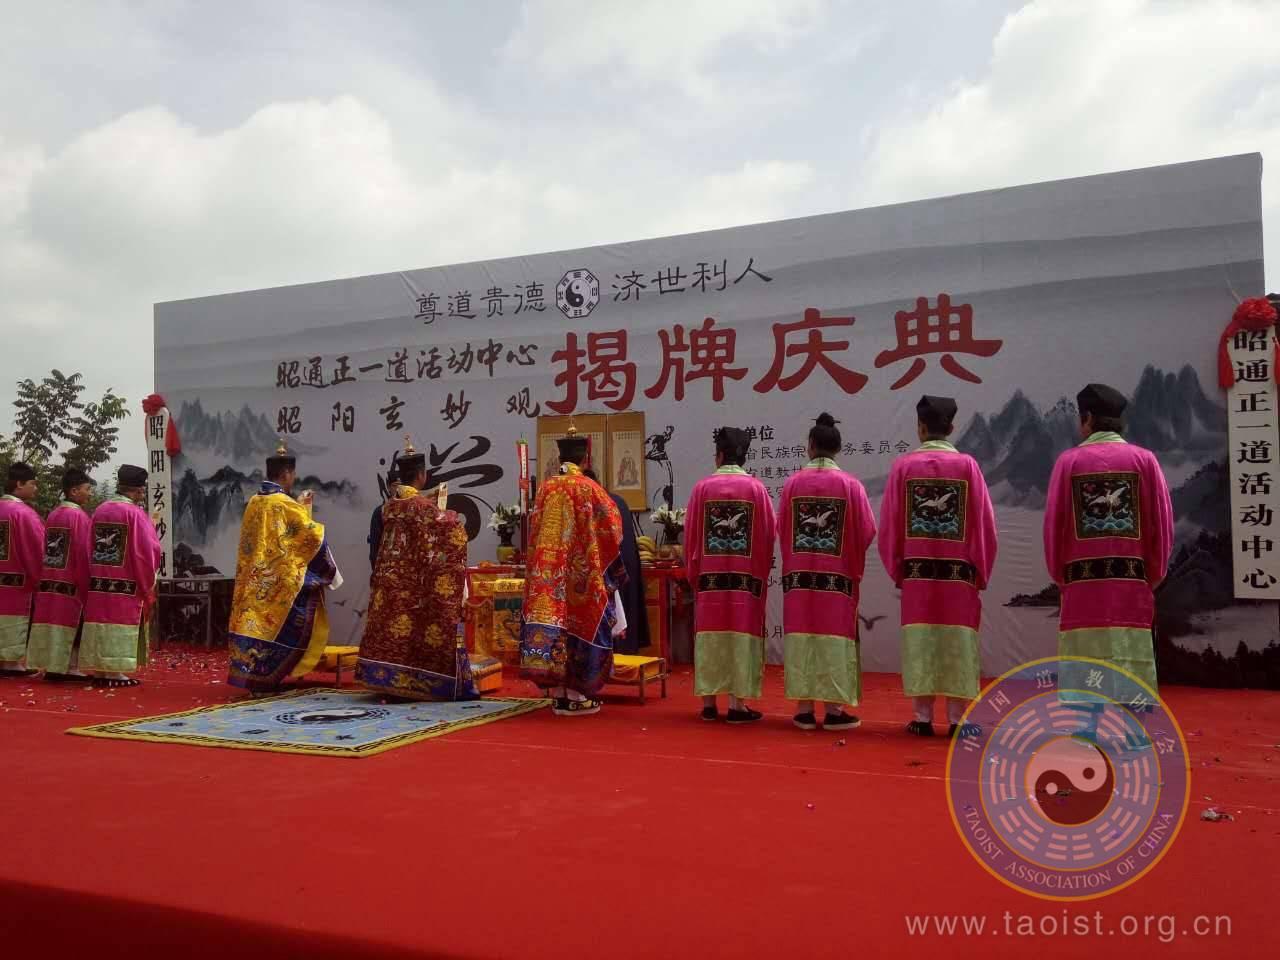 云南省昭通市散居正一道活动中心正式成立